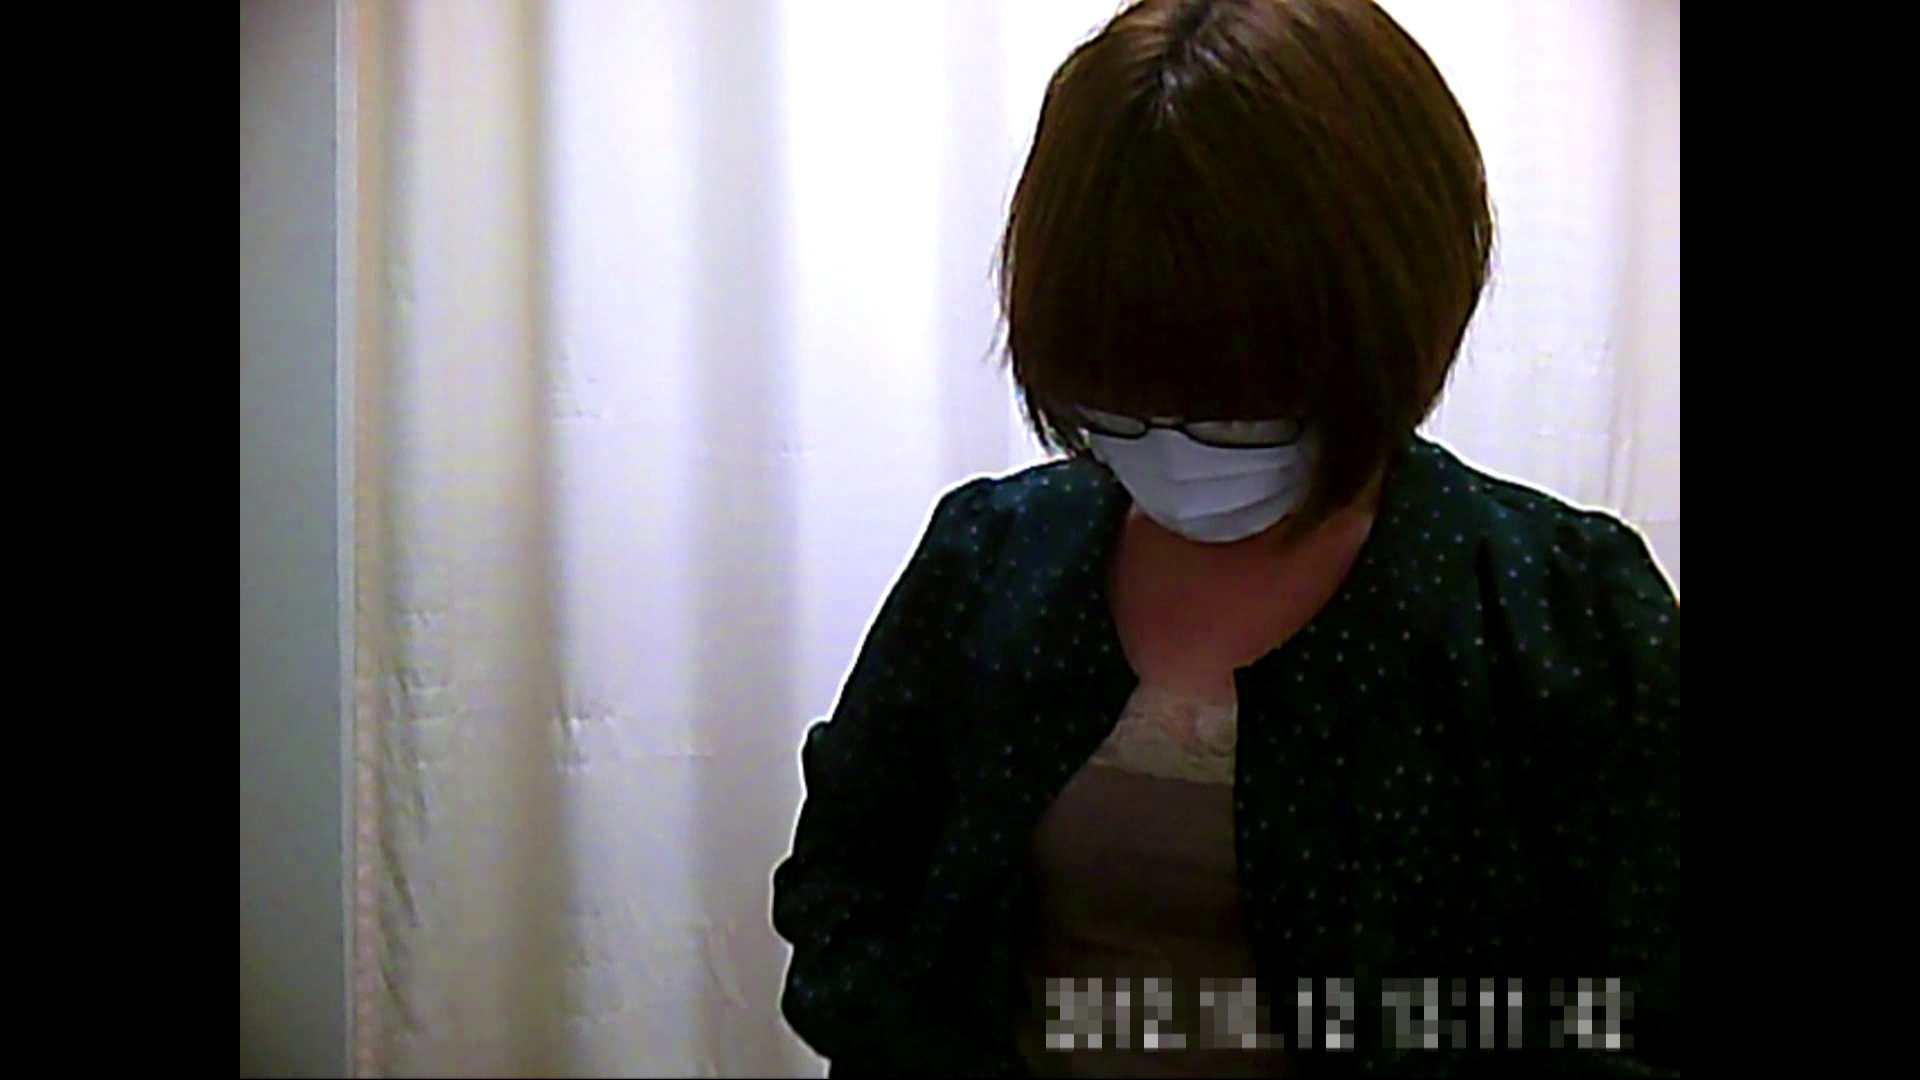 元医者による反抗 更衣室地獄絵巻 vol.061 OLハメ撮り  91Pix 55